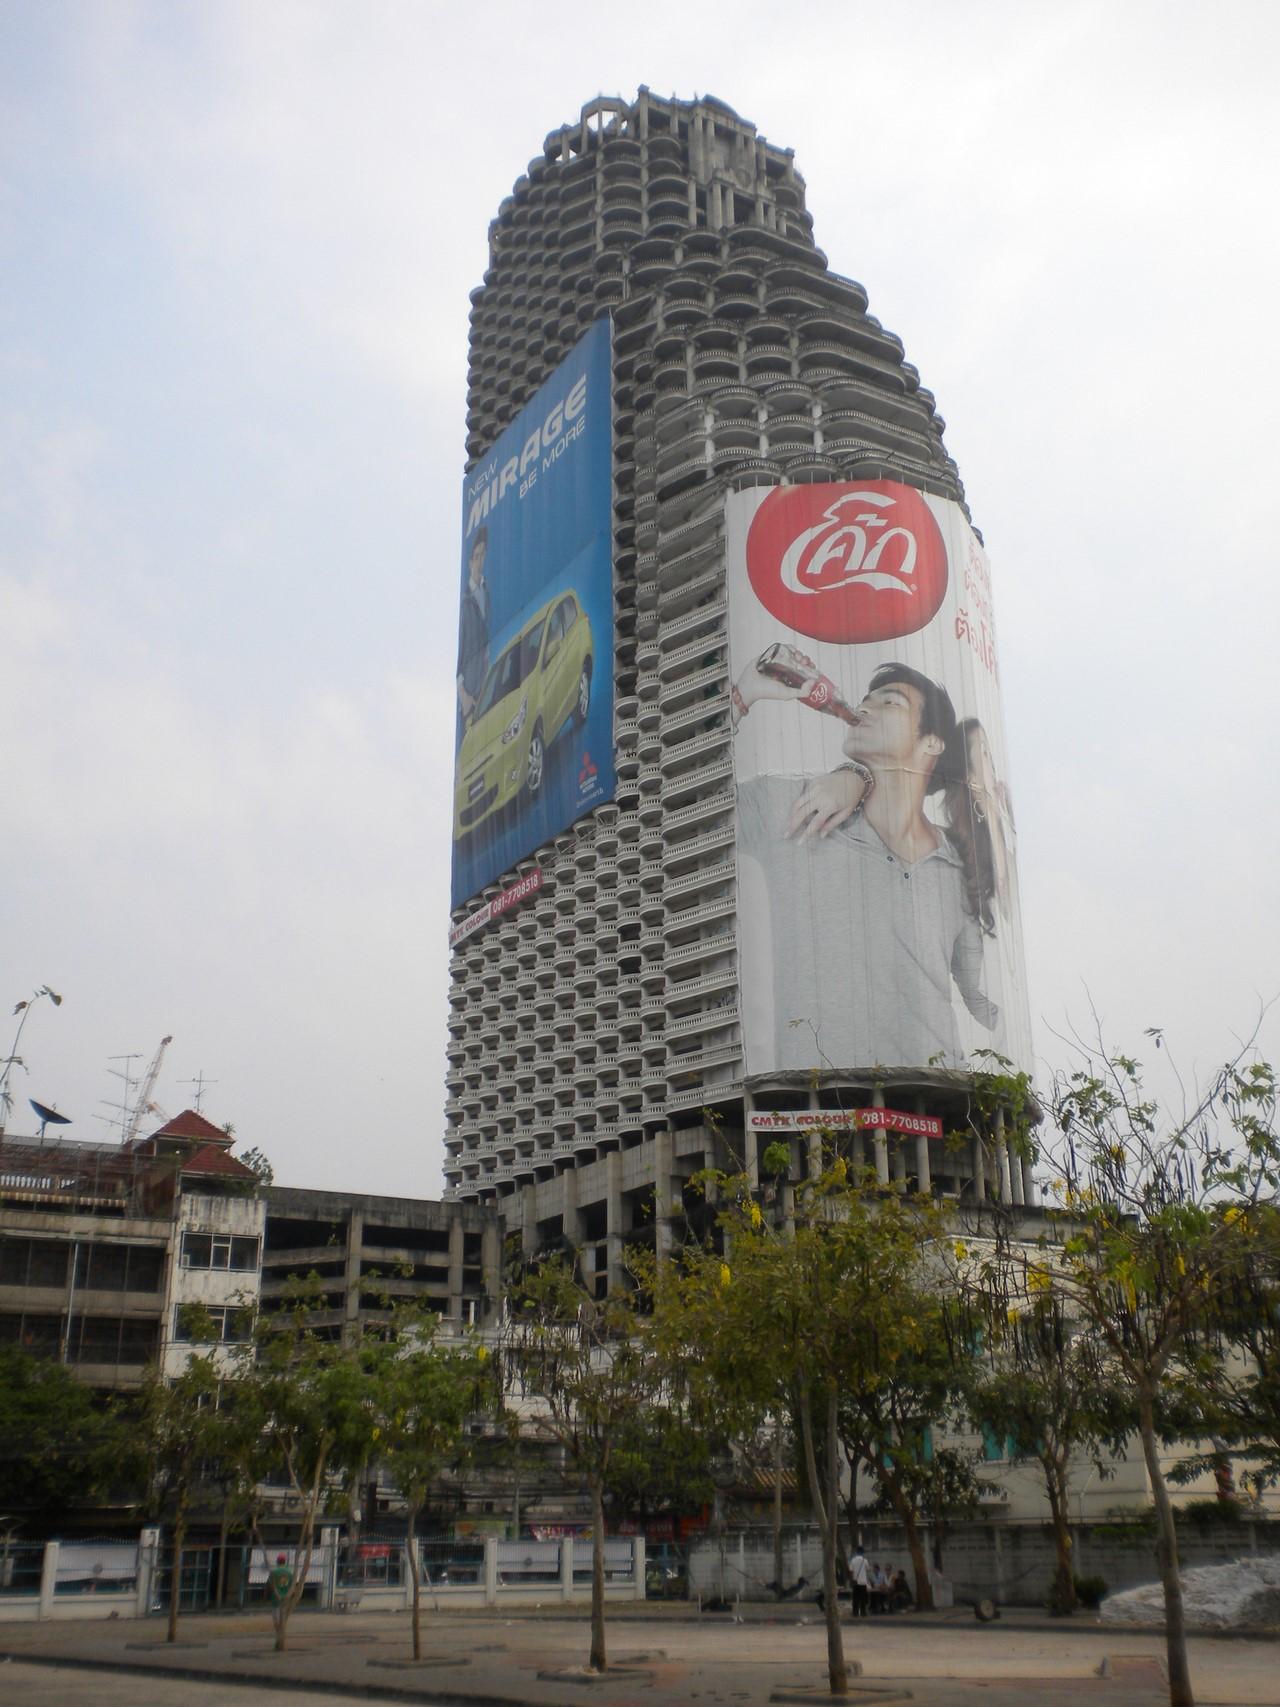 Как выглядит самый большой заброшенный небоскреб в мире Как выглядит самый большой заброшенный небоскреб в мире 4 3